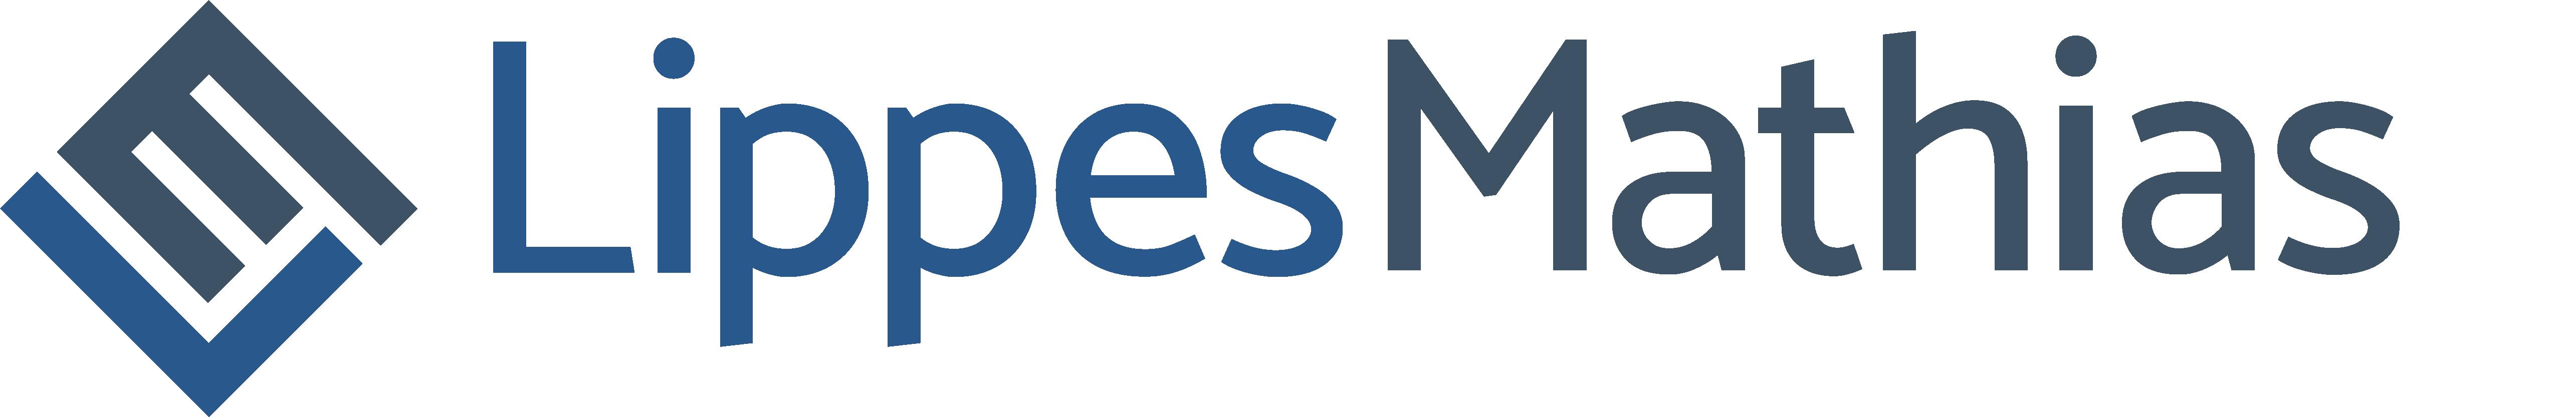 Lippes Mathias LLP Logo